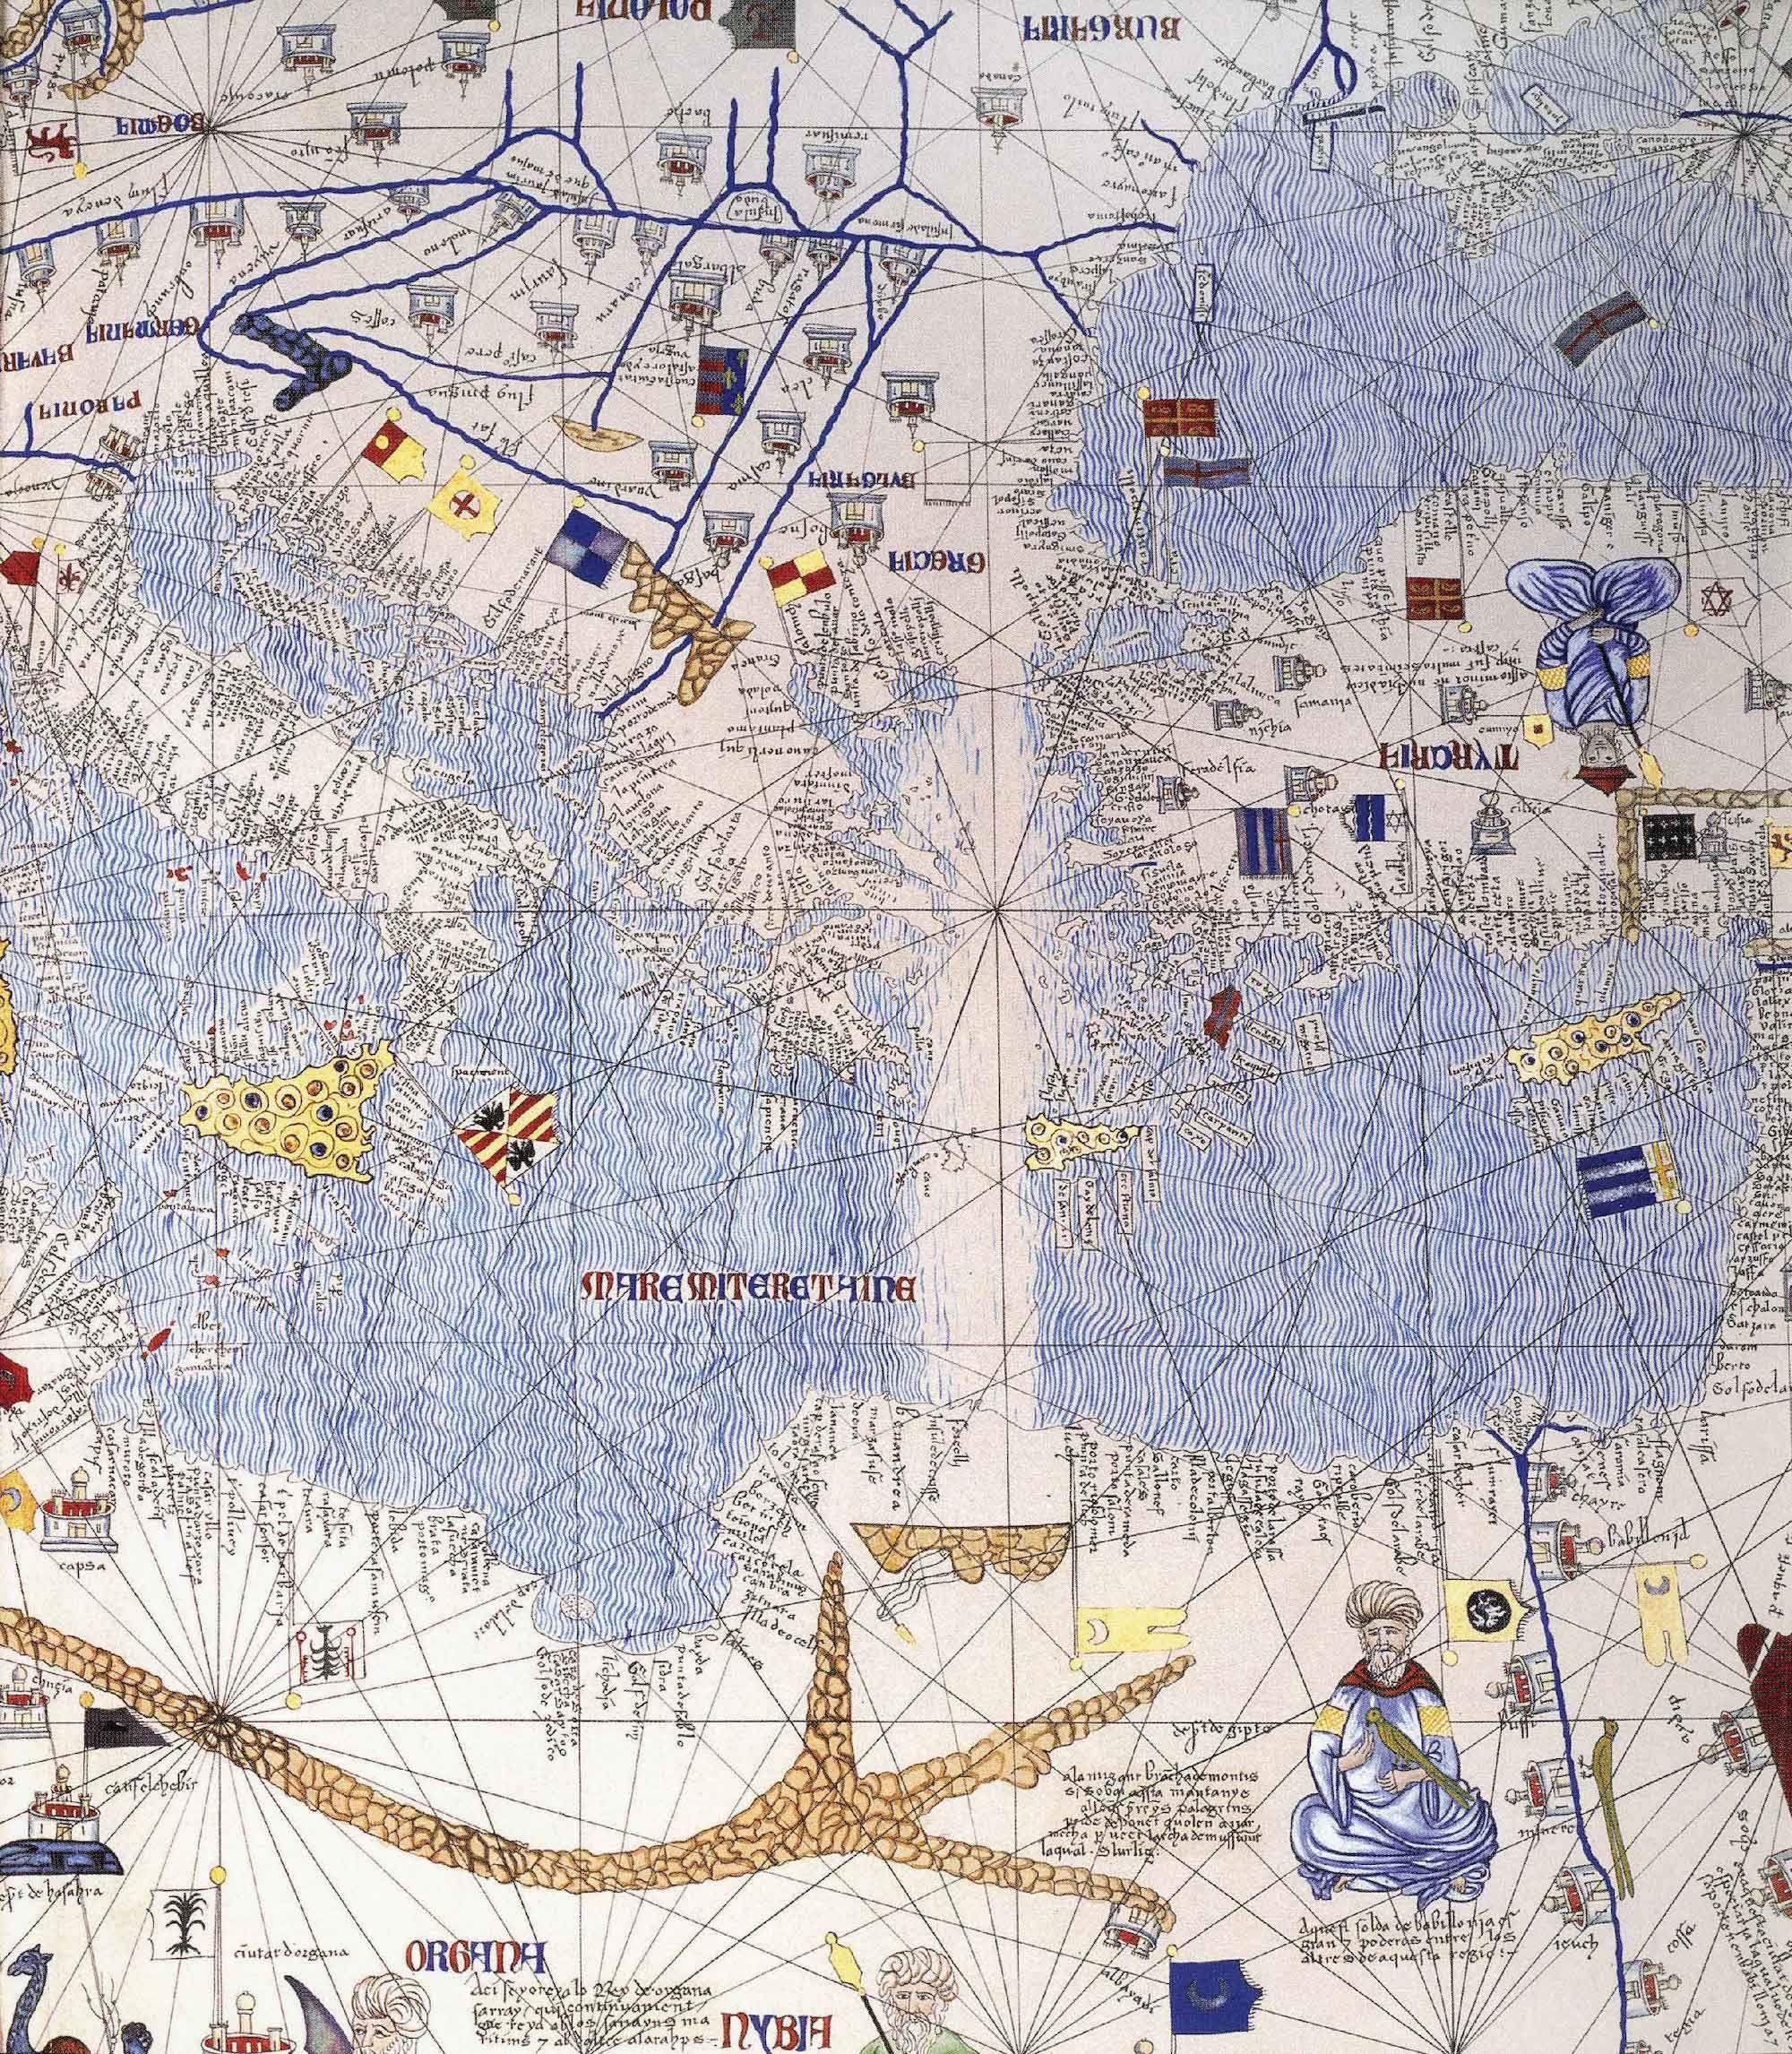 Fonte: Particolare del Mediterraneo orientale dall'Atlante catalano, 1375 ca, Bibliothèque Nationale de France.